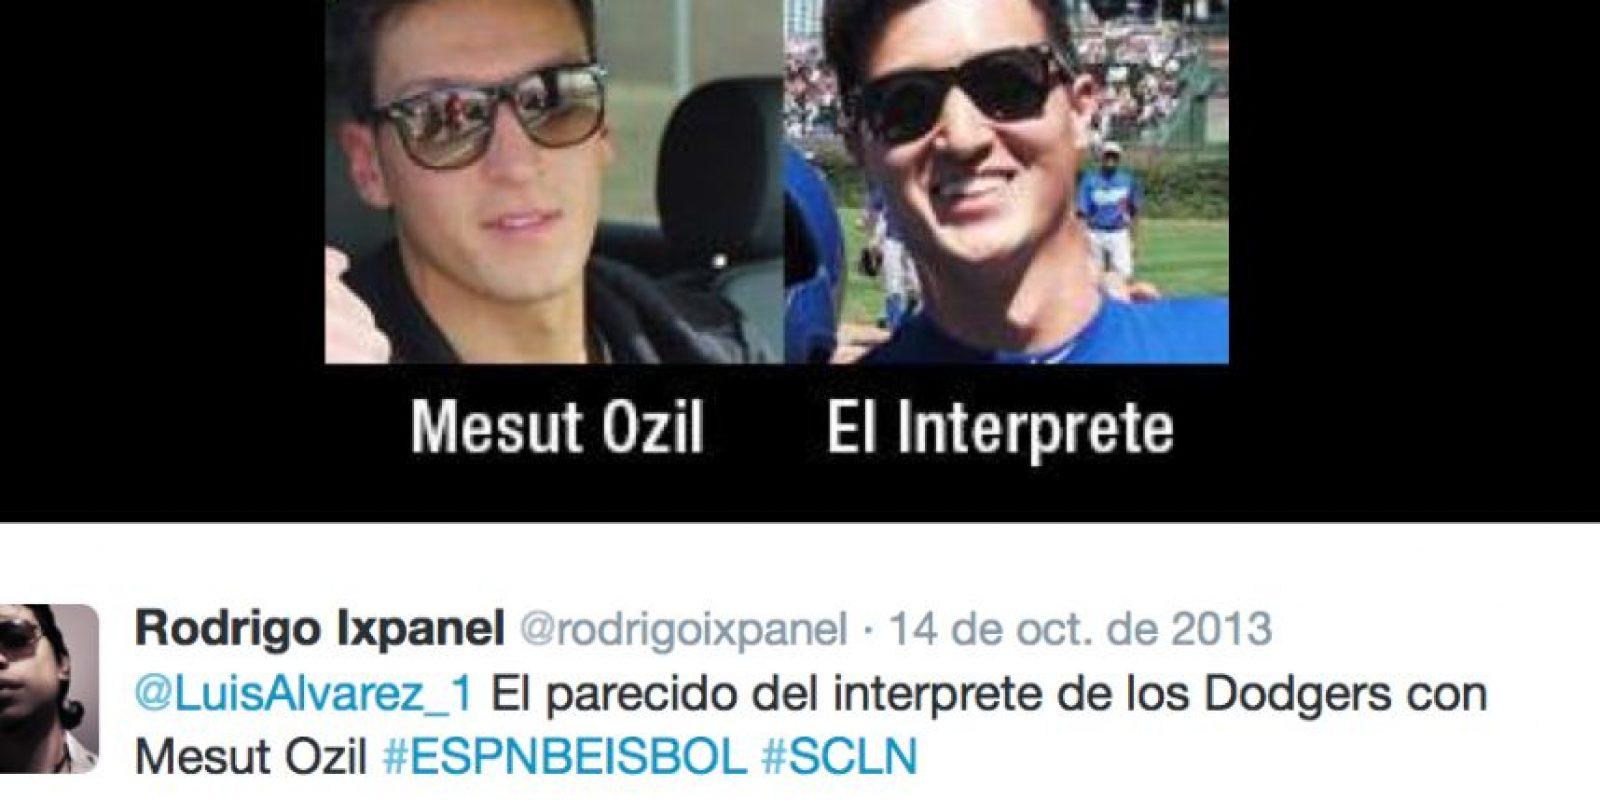 En las redes aseguran que es idéntico al intérprete de los Dodgers de las Grandes Ligas Foto:Twitter